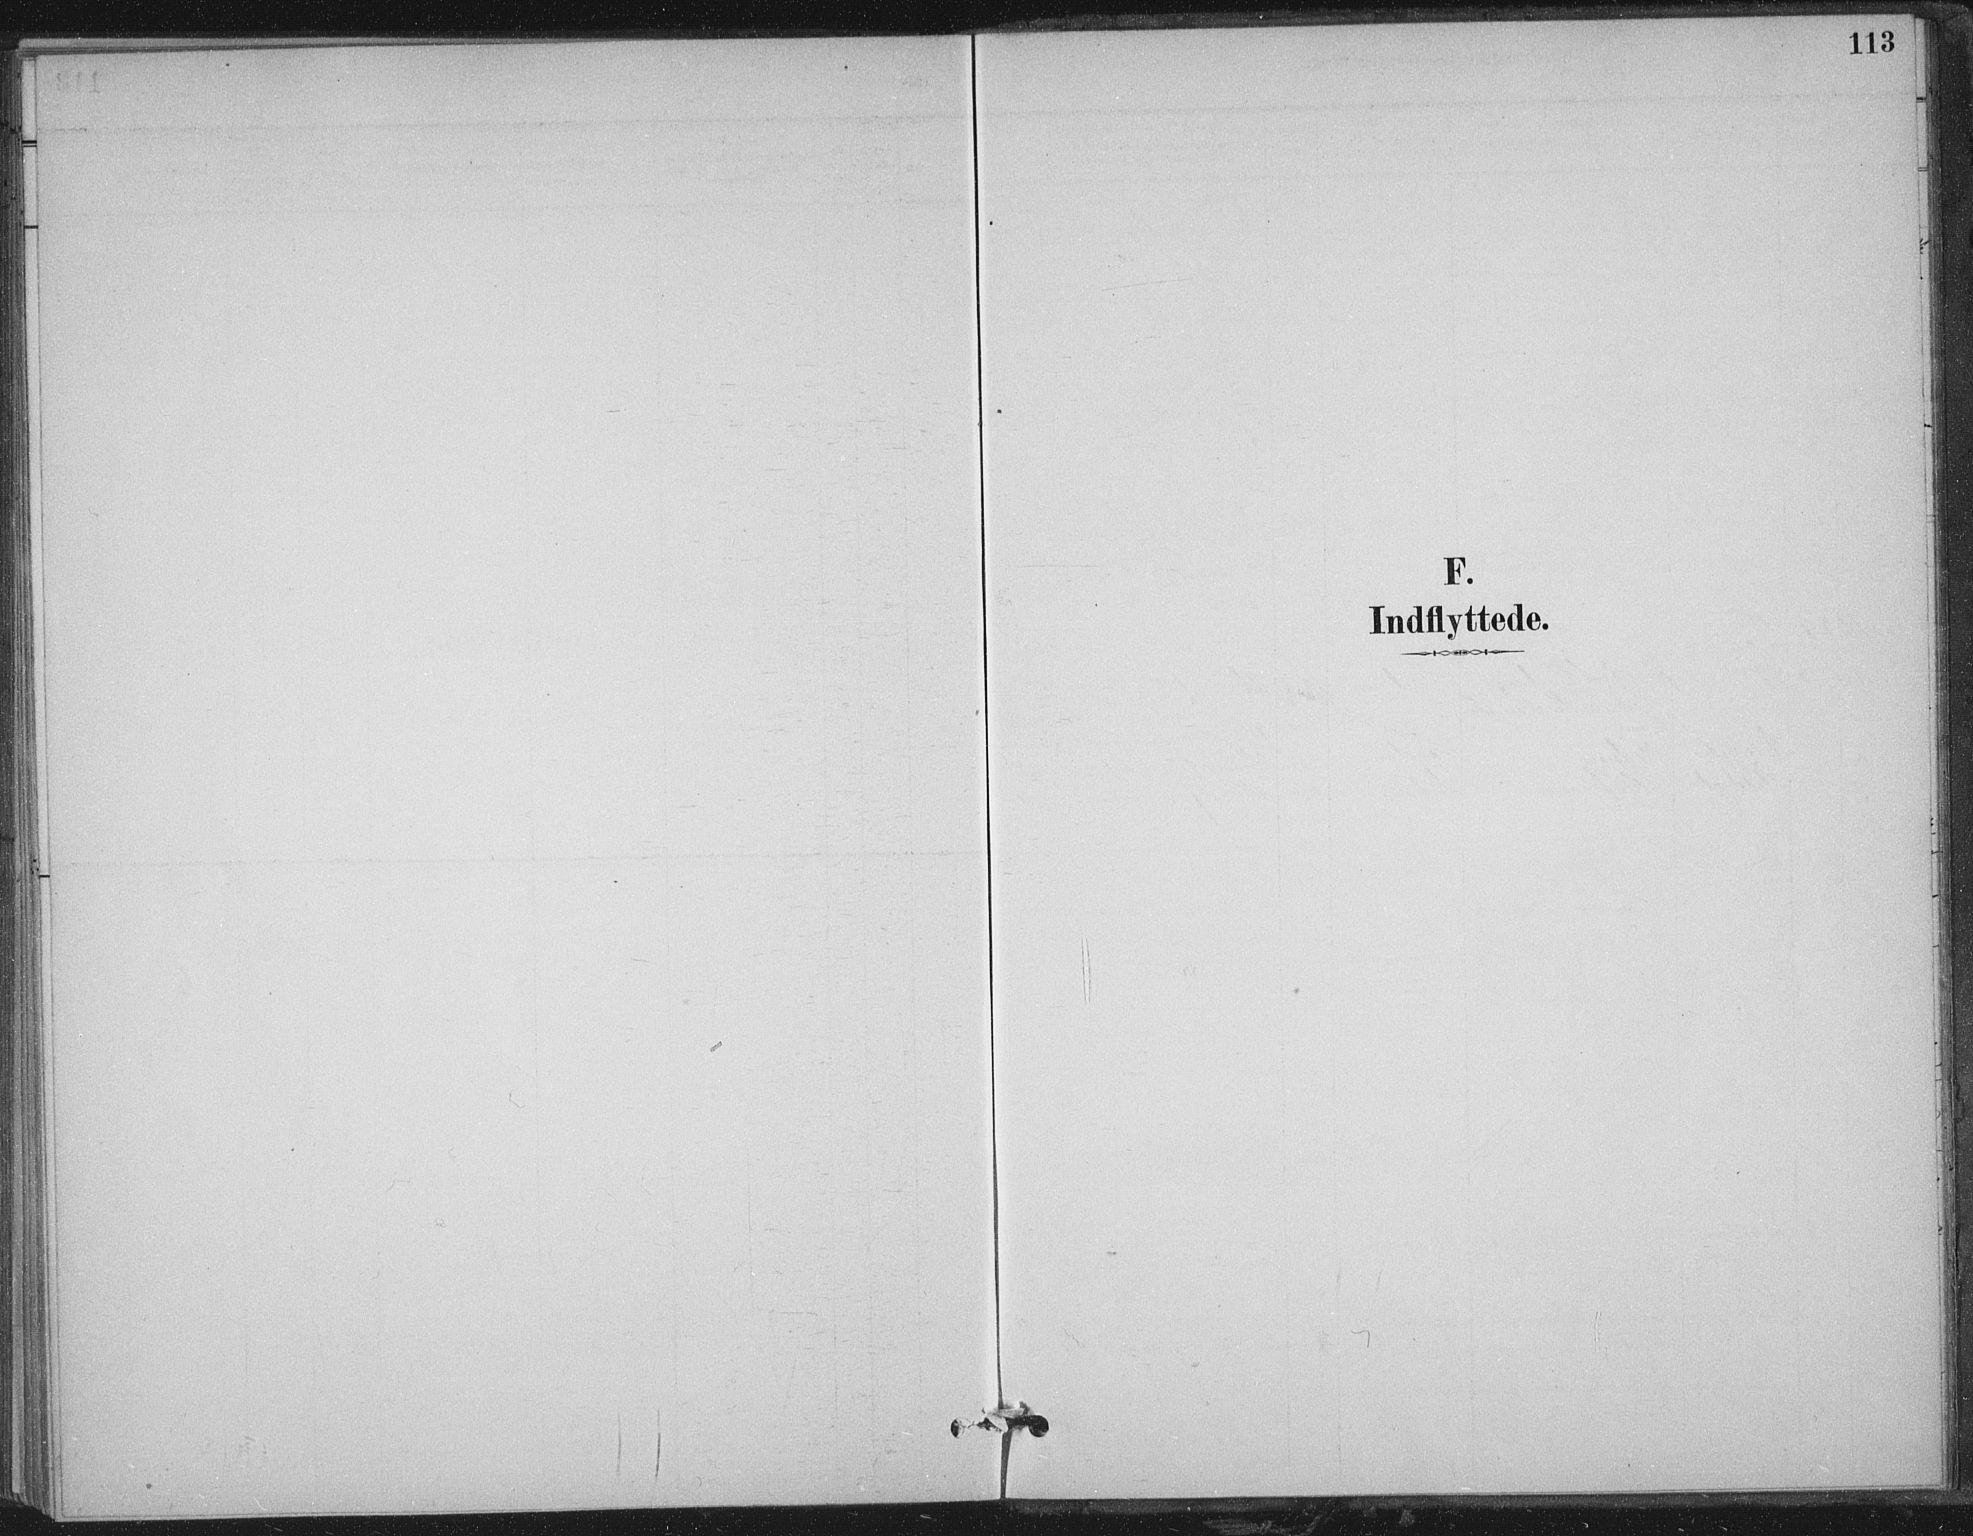 SAT, Ministerialprotokoller, klokkerbøker og fødselsregistre - Nord-Trøndelag, 702/L0023: Parish register (official) no. 702A01, 1883-1897, p. 113